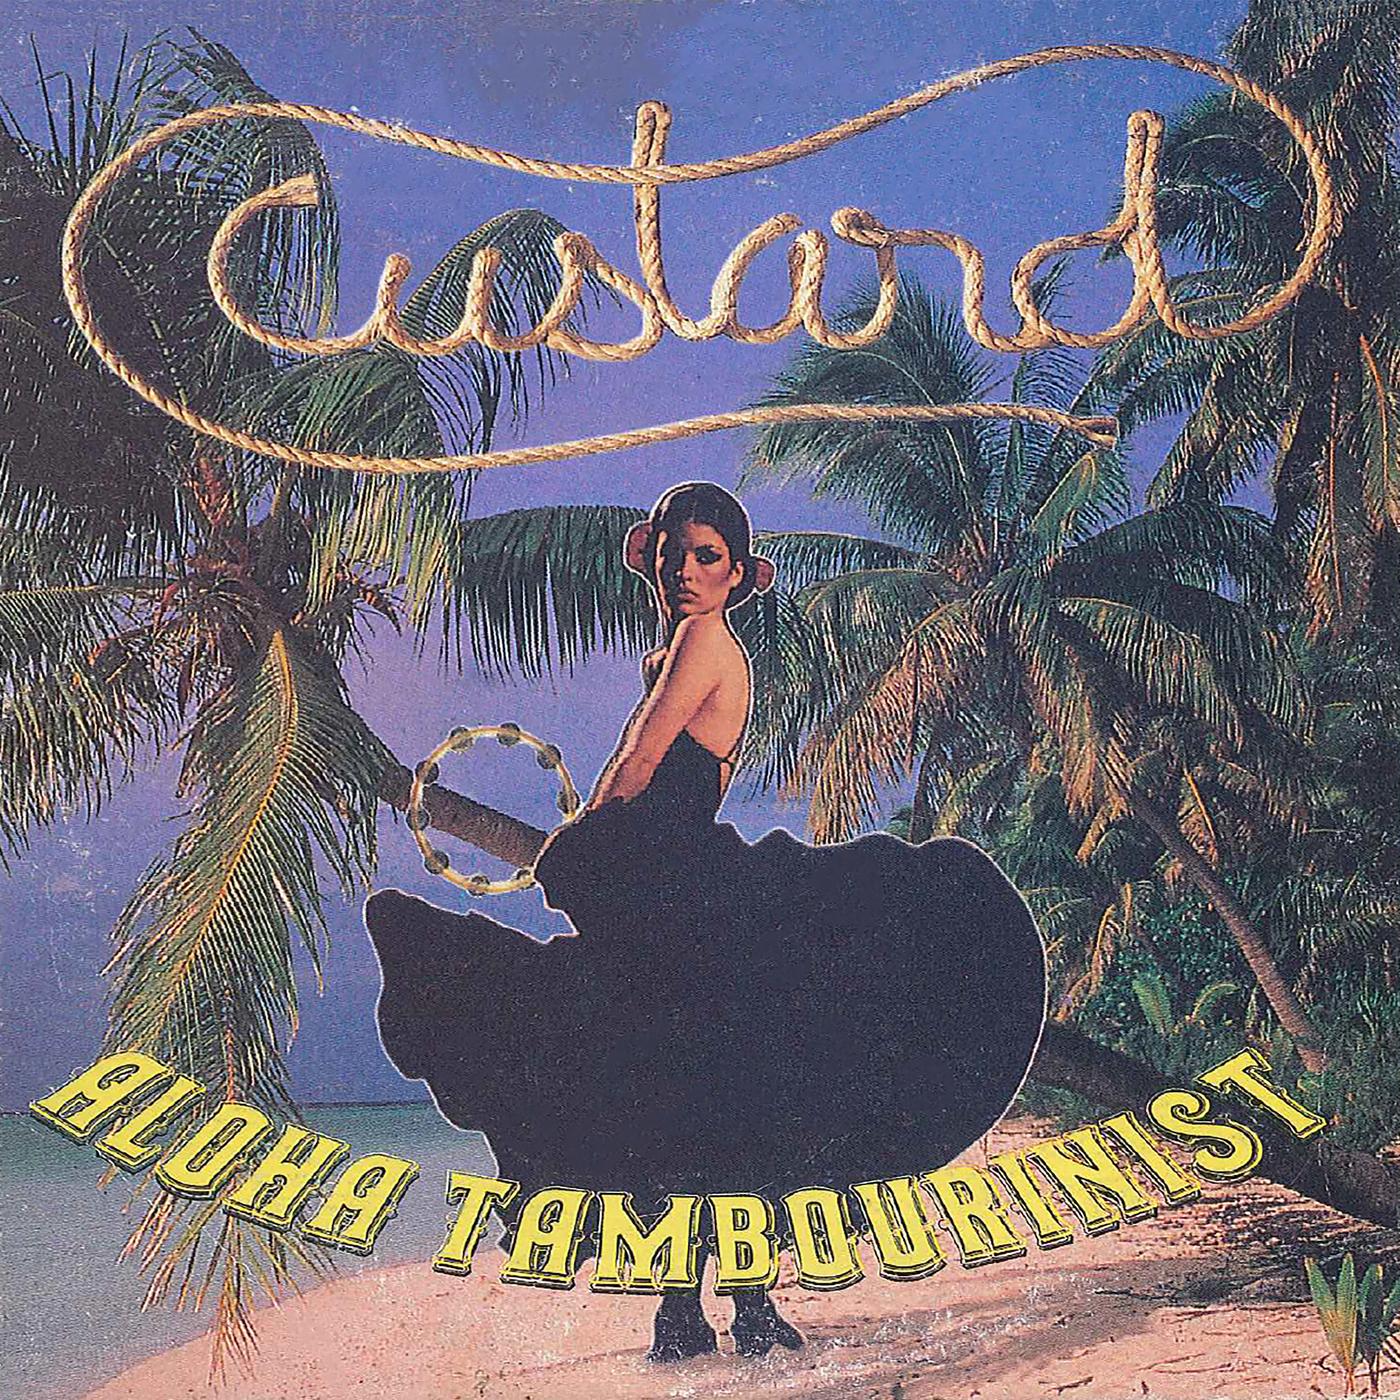 Aloha Tambourinist - Custard